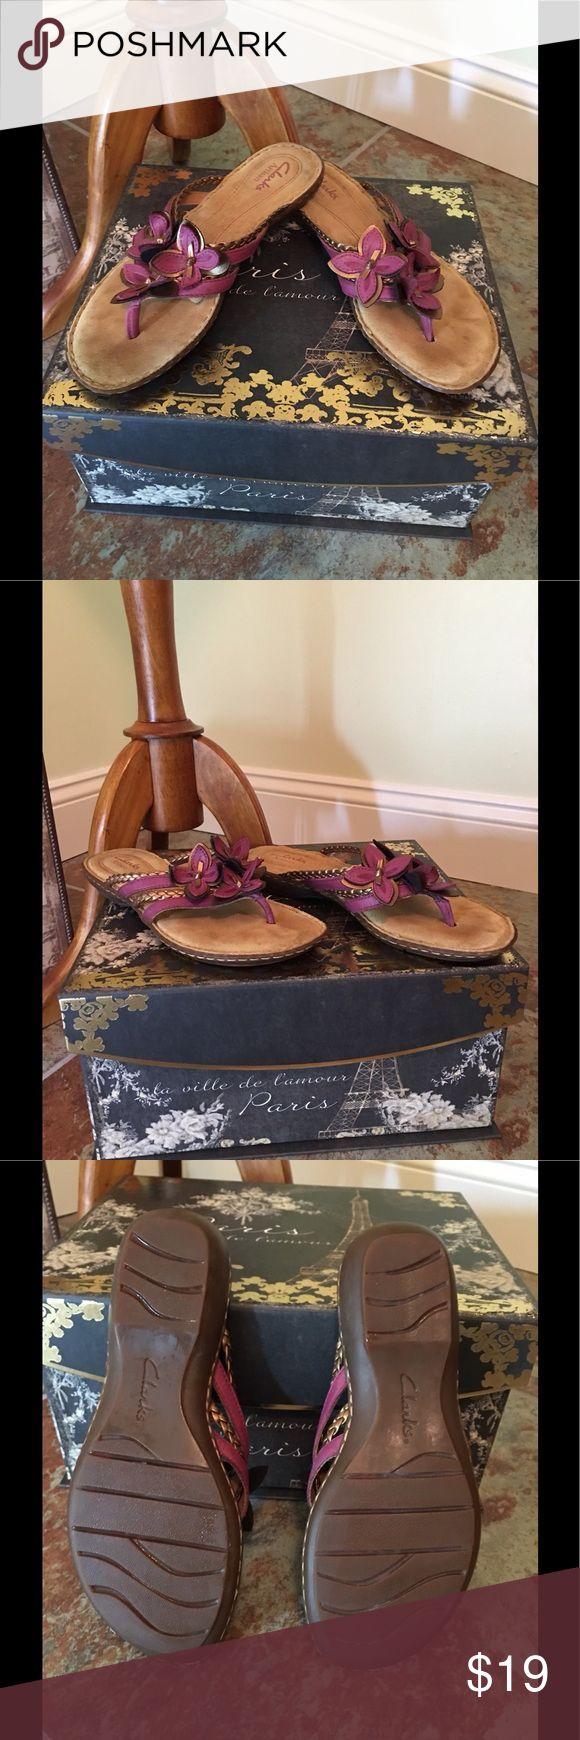 Clarks Artisan purple flower sandal Excellent condition Clarks artisan Purple leather flower sandal. Clarks Shoes Sandals